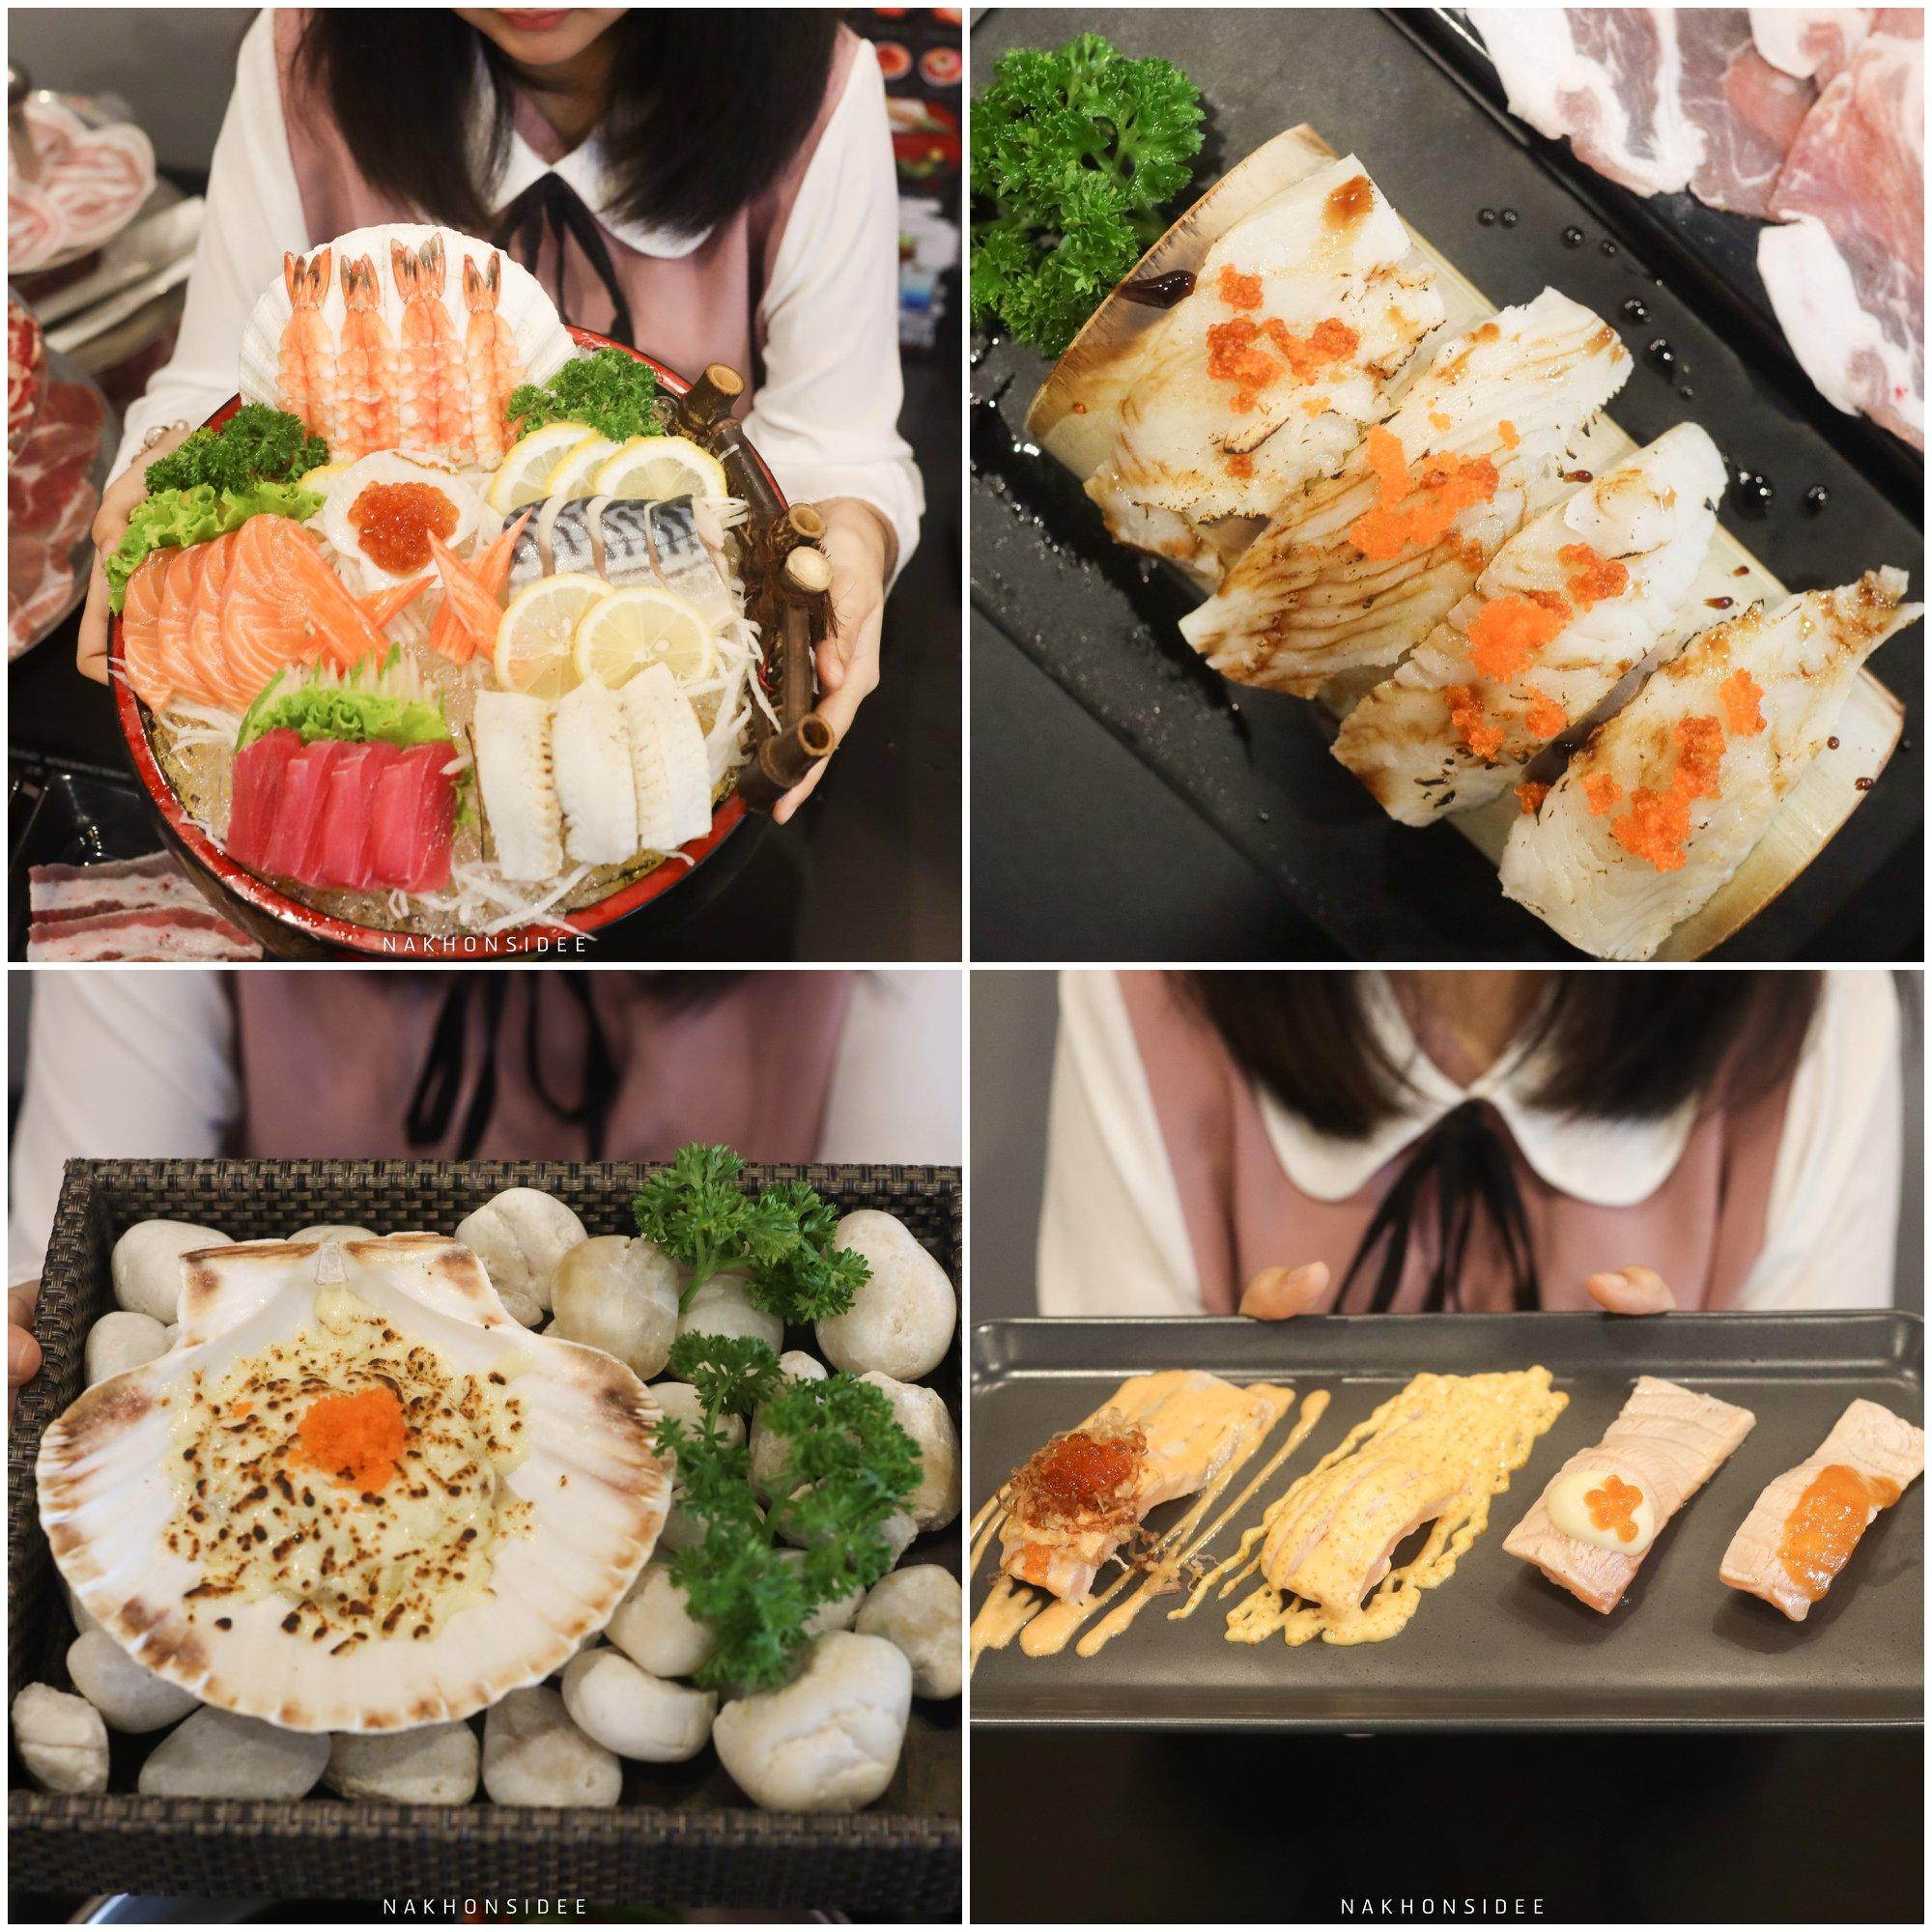 ซาซิมิ-ซูชิ-อาหารญี่ปุ่น-จัดว่าเด็ดมากกก-หอยชีส-ซูชิชิ้นใหญ่-ข้าวปั้นน้อย-จัดว่าถูกใจแอดมาก-10/10-มาบุฟเฟ่ต์ต้องแบบนี้-ข้าวคำเล็กๆพอ-555  ชาบู,บุฟเฟ่ต์,นครศรีธรรมราช,อาหารญี่ปุ่น,ของหวาน